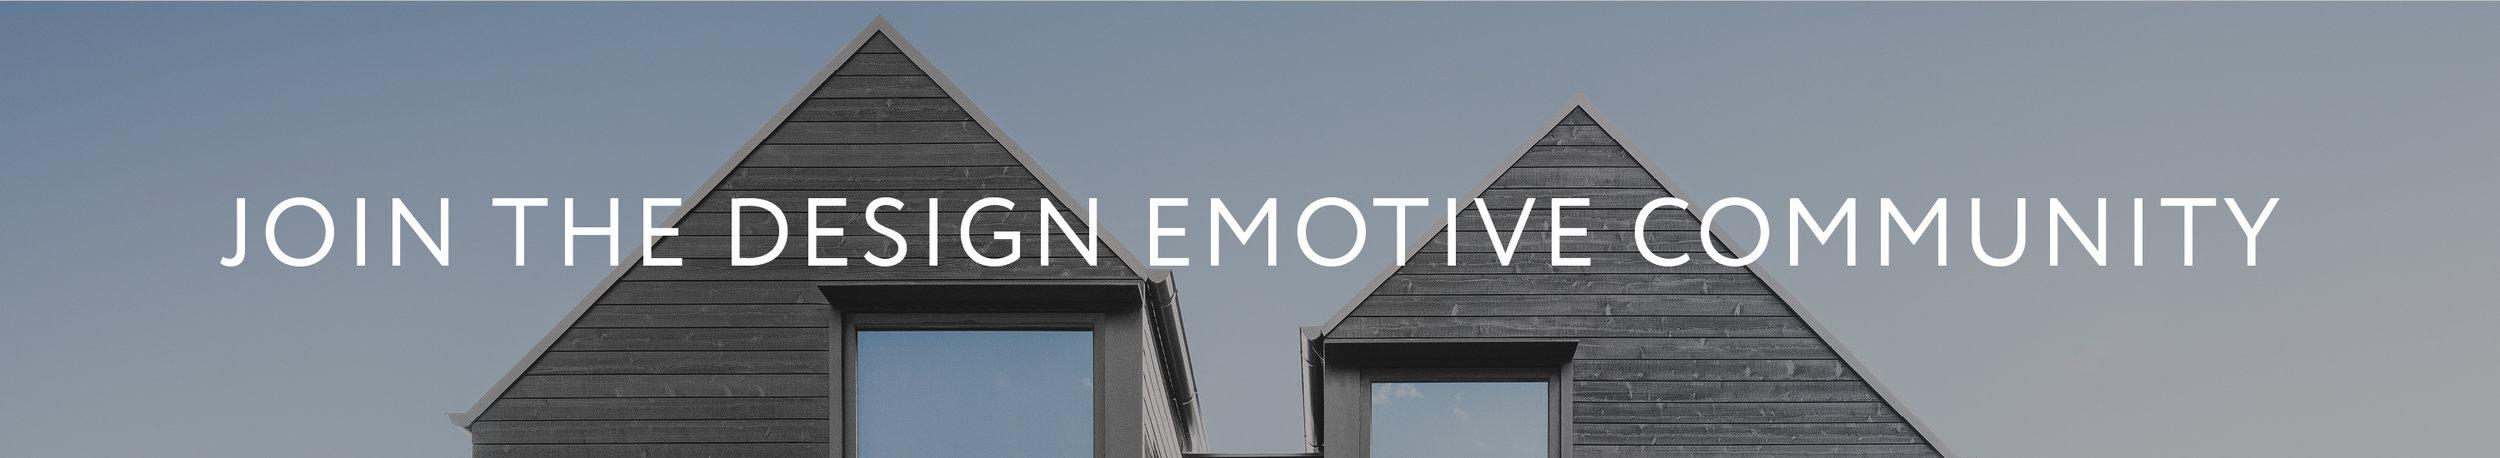 Join the design emotive